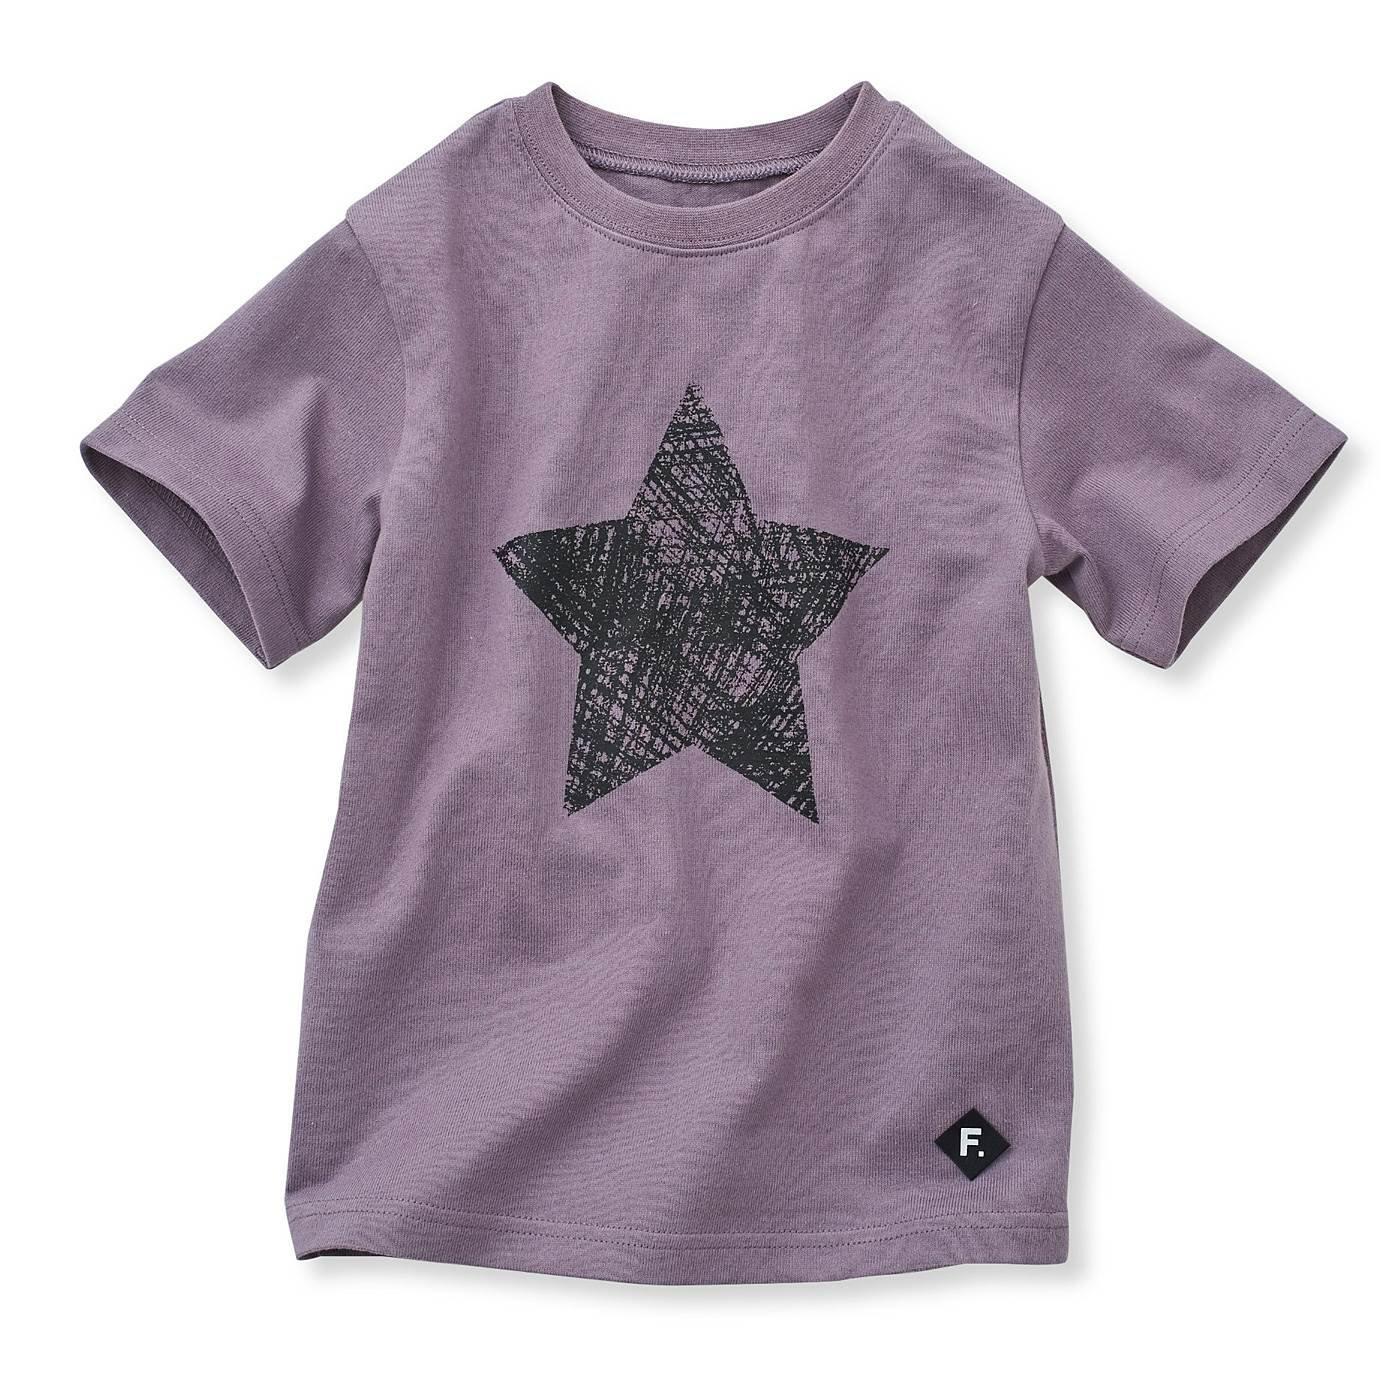 甘編みのバスク風 ゆるりシルエットTシャツ